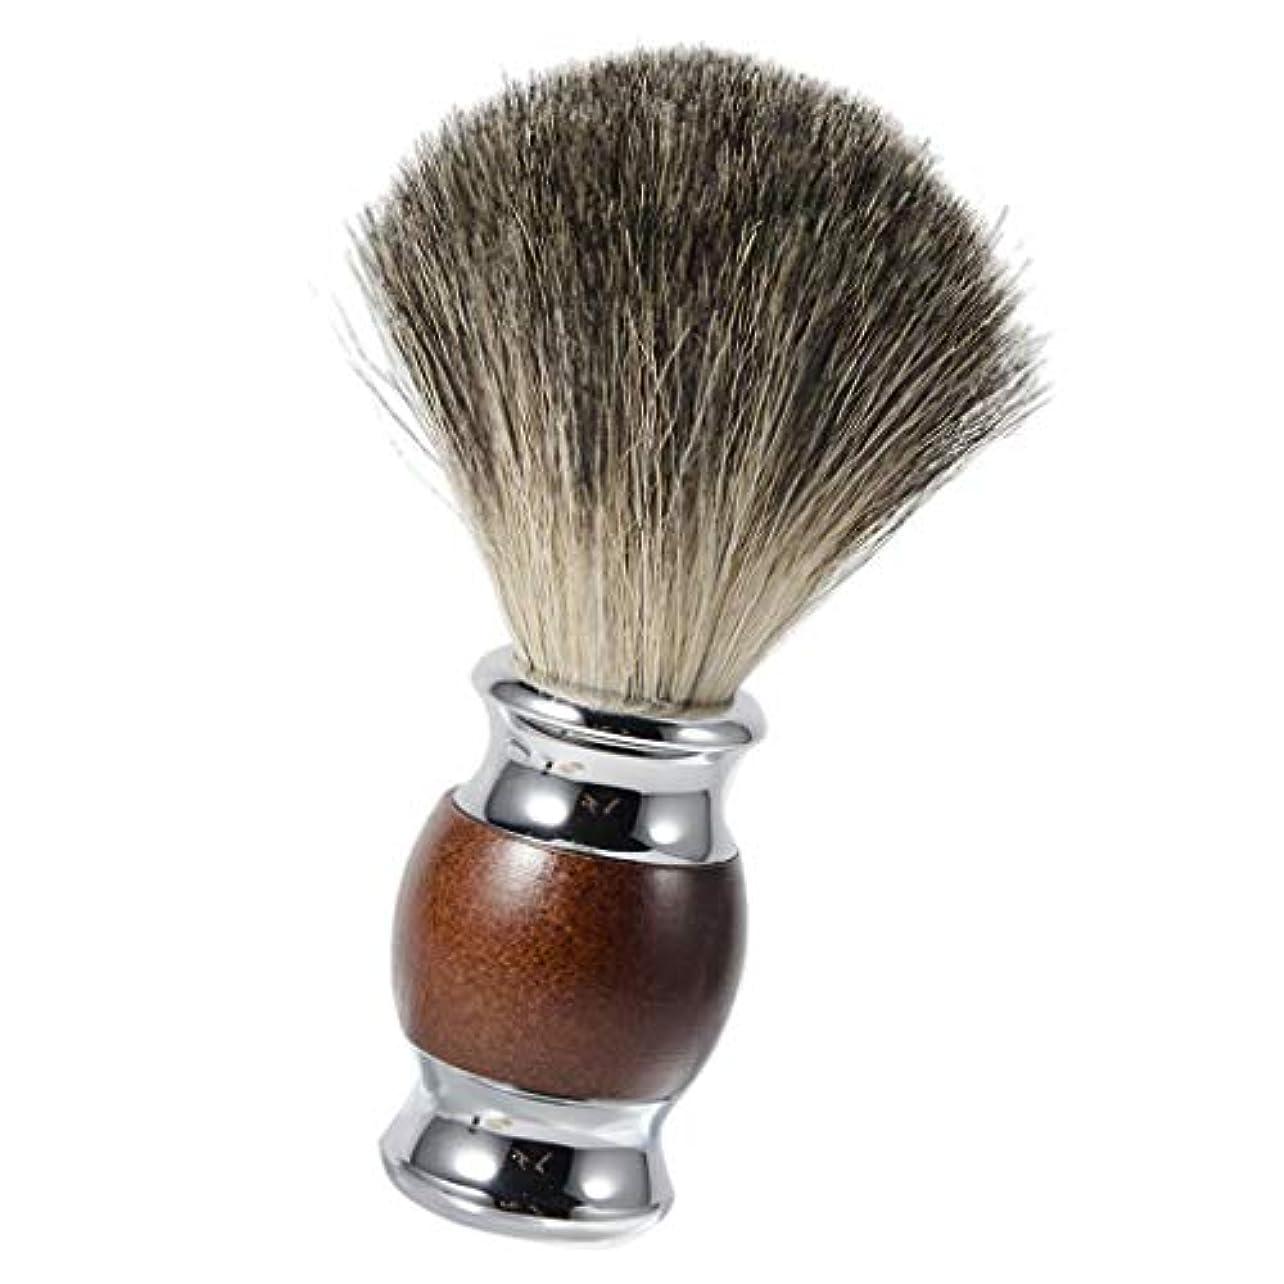 ローズ不可能なデンマーク語chiwanji シェービング用ブラシ シェービングブラシ メンズ 理容 洗顔 髭剃り シェービング用アクセサリー